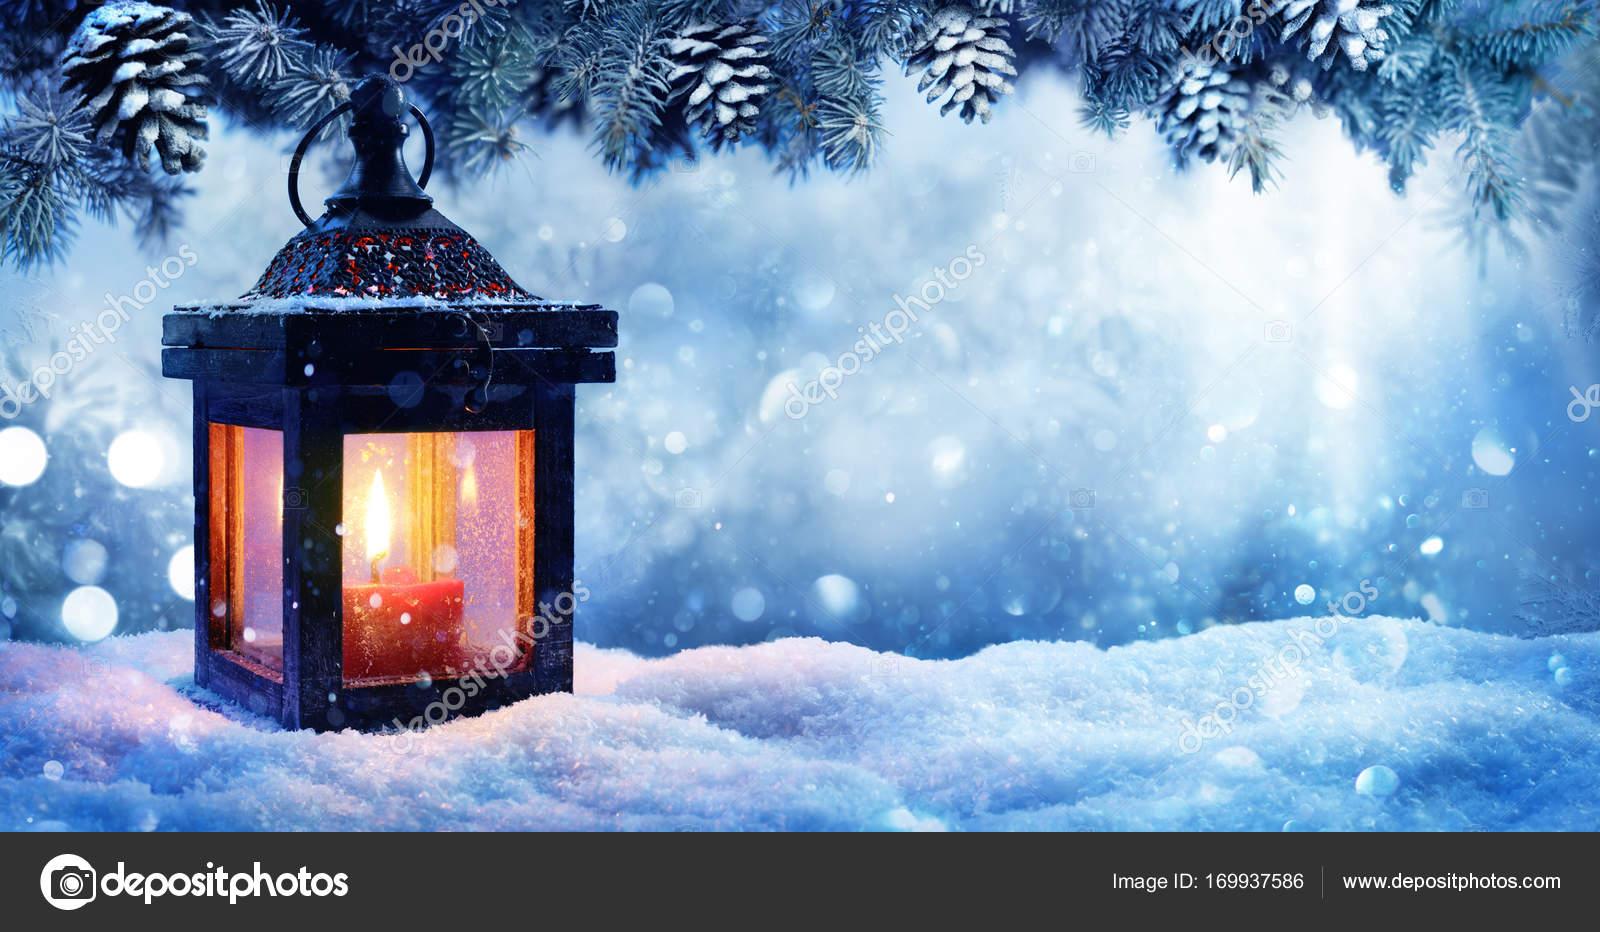 Weihnachten Laterne im Schnee mit Fir-Niederlassung In Abend Szene ...